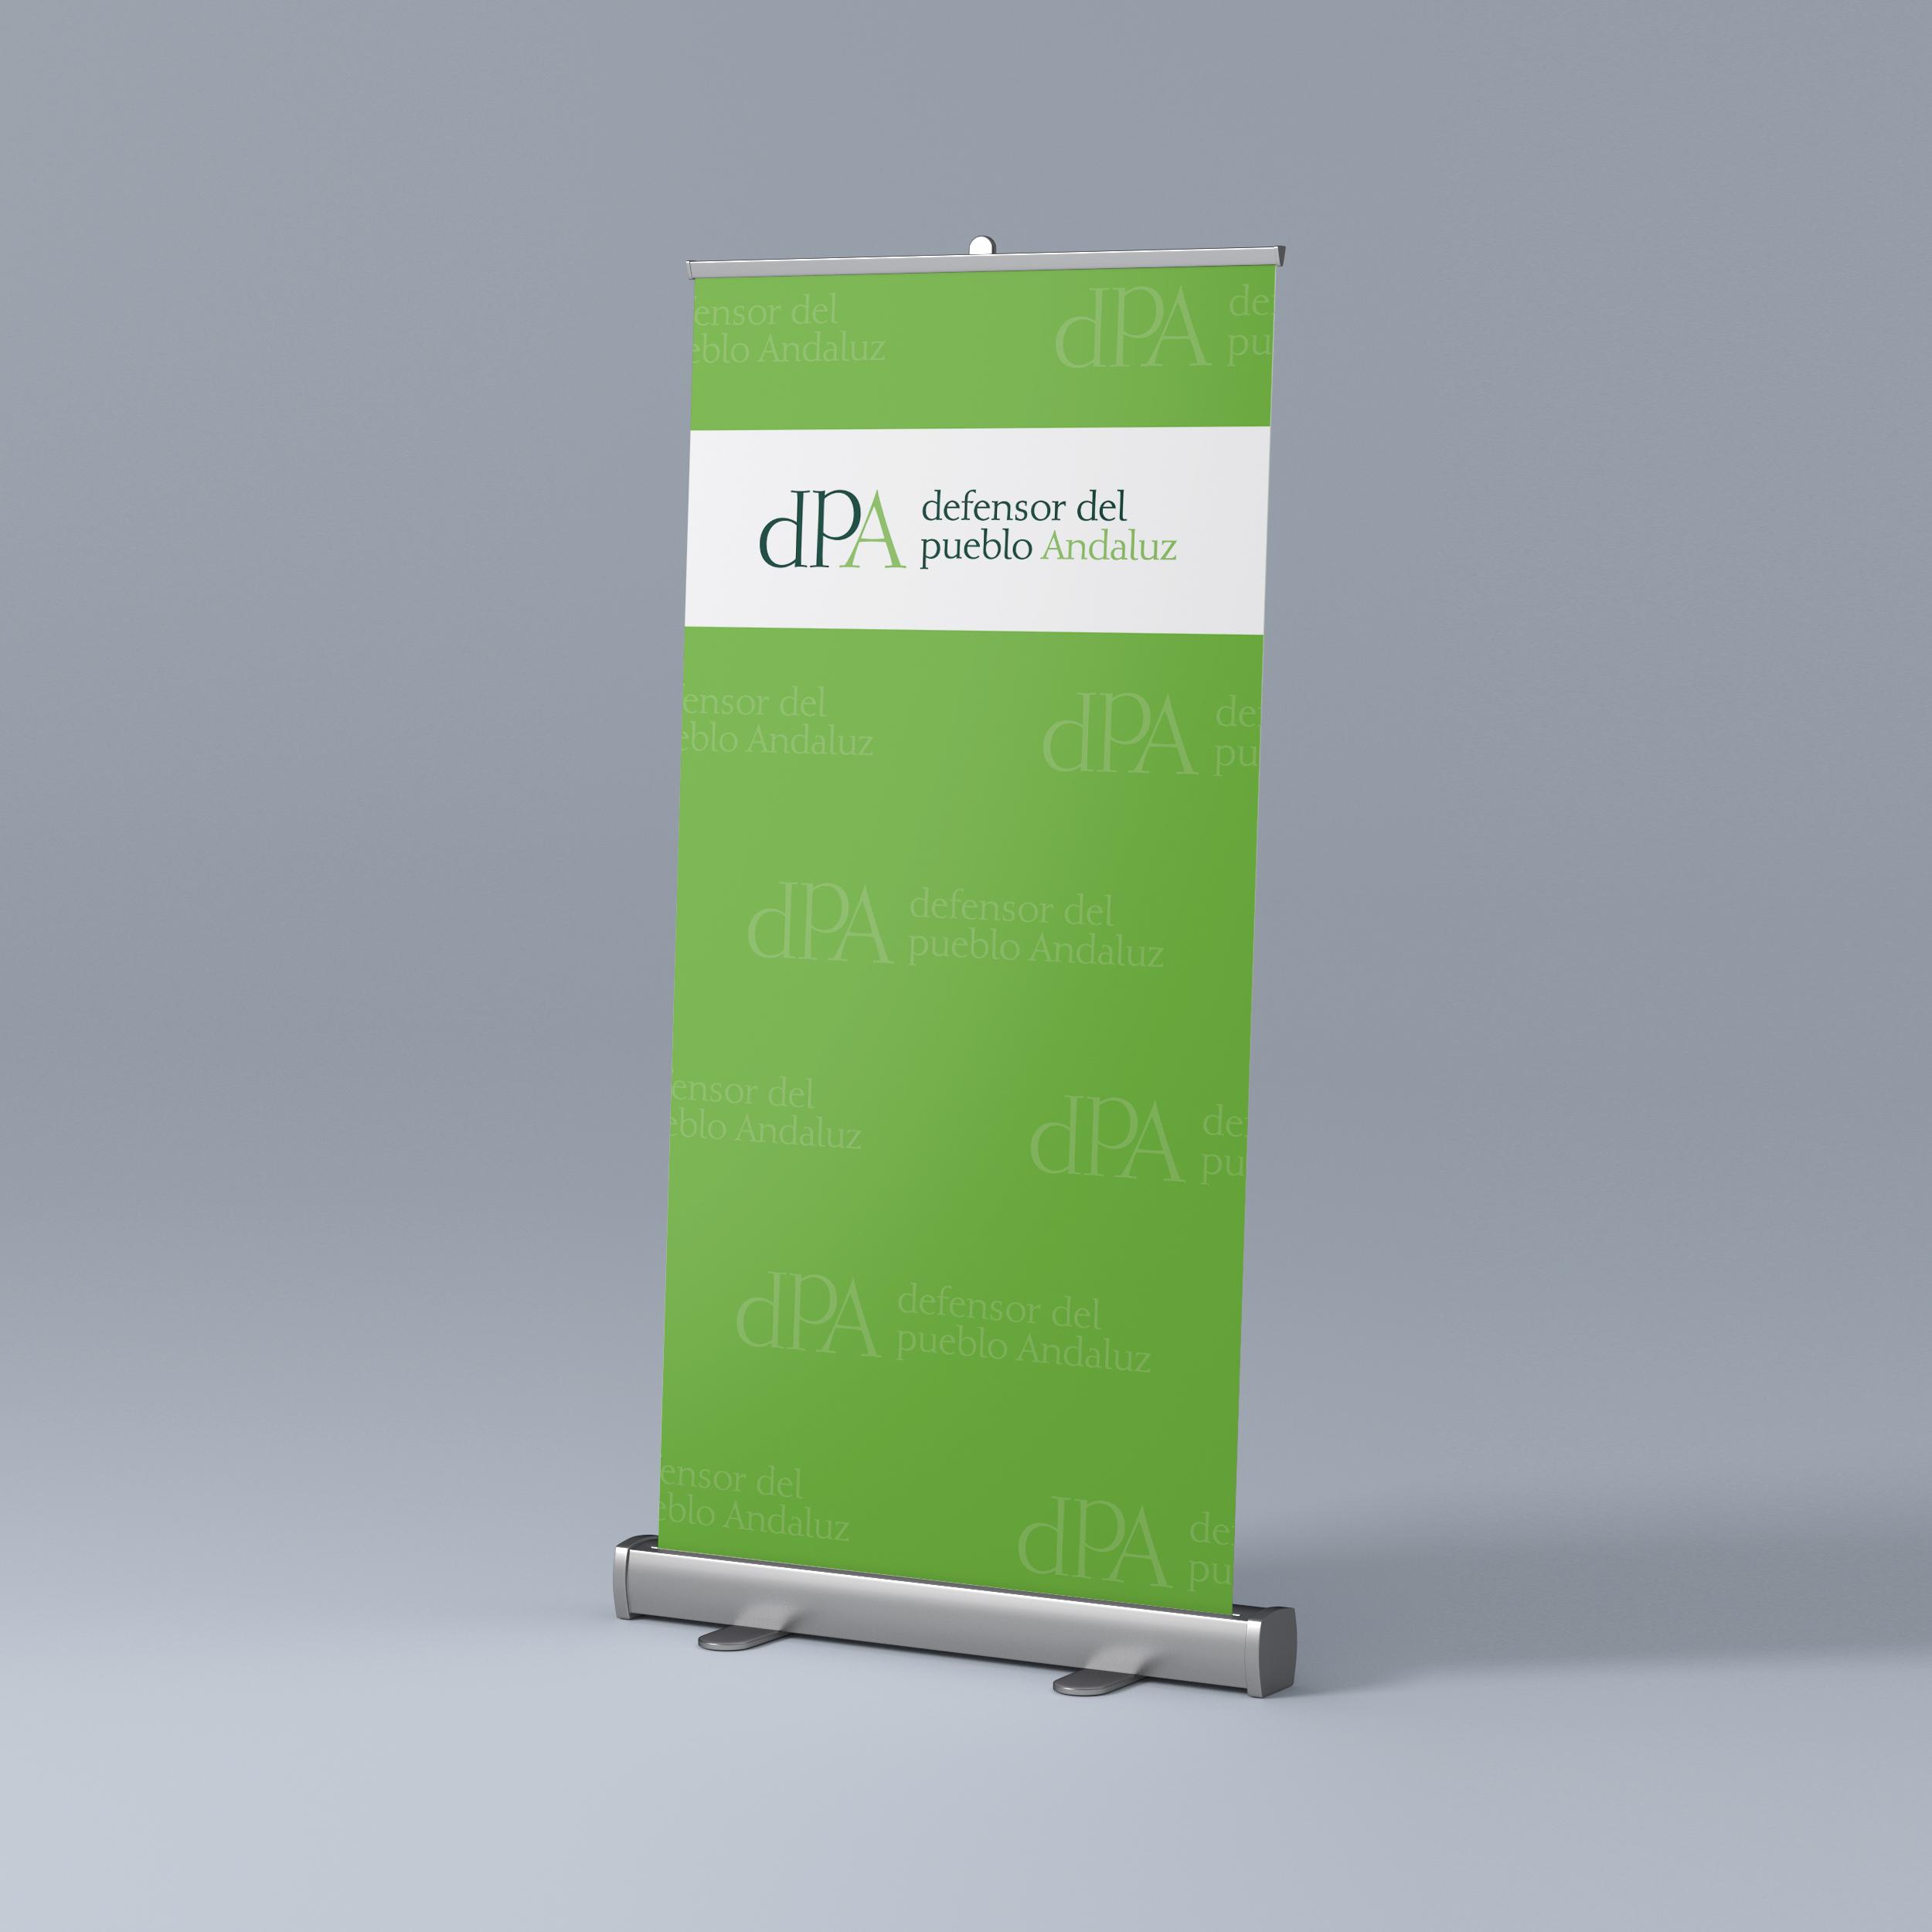 expositor_branding_defensor_del_pueblo_andaluz_textura_design